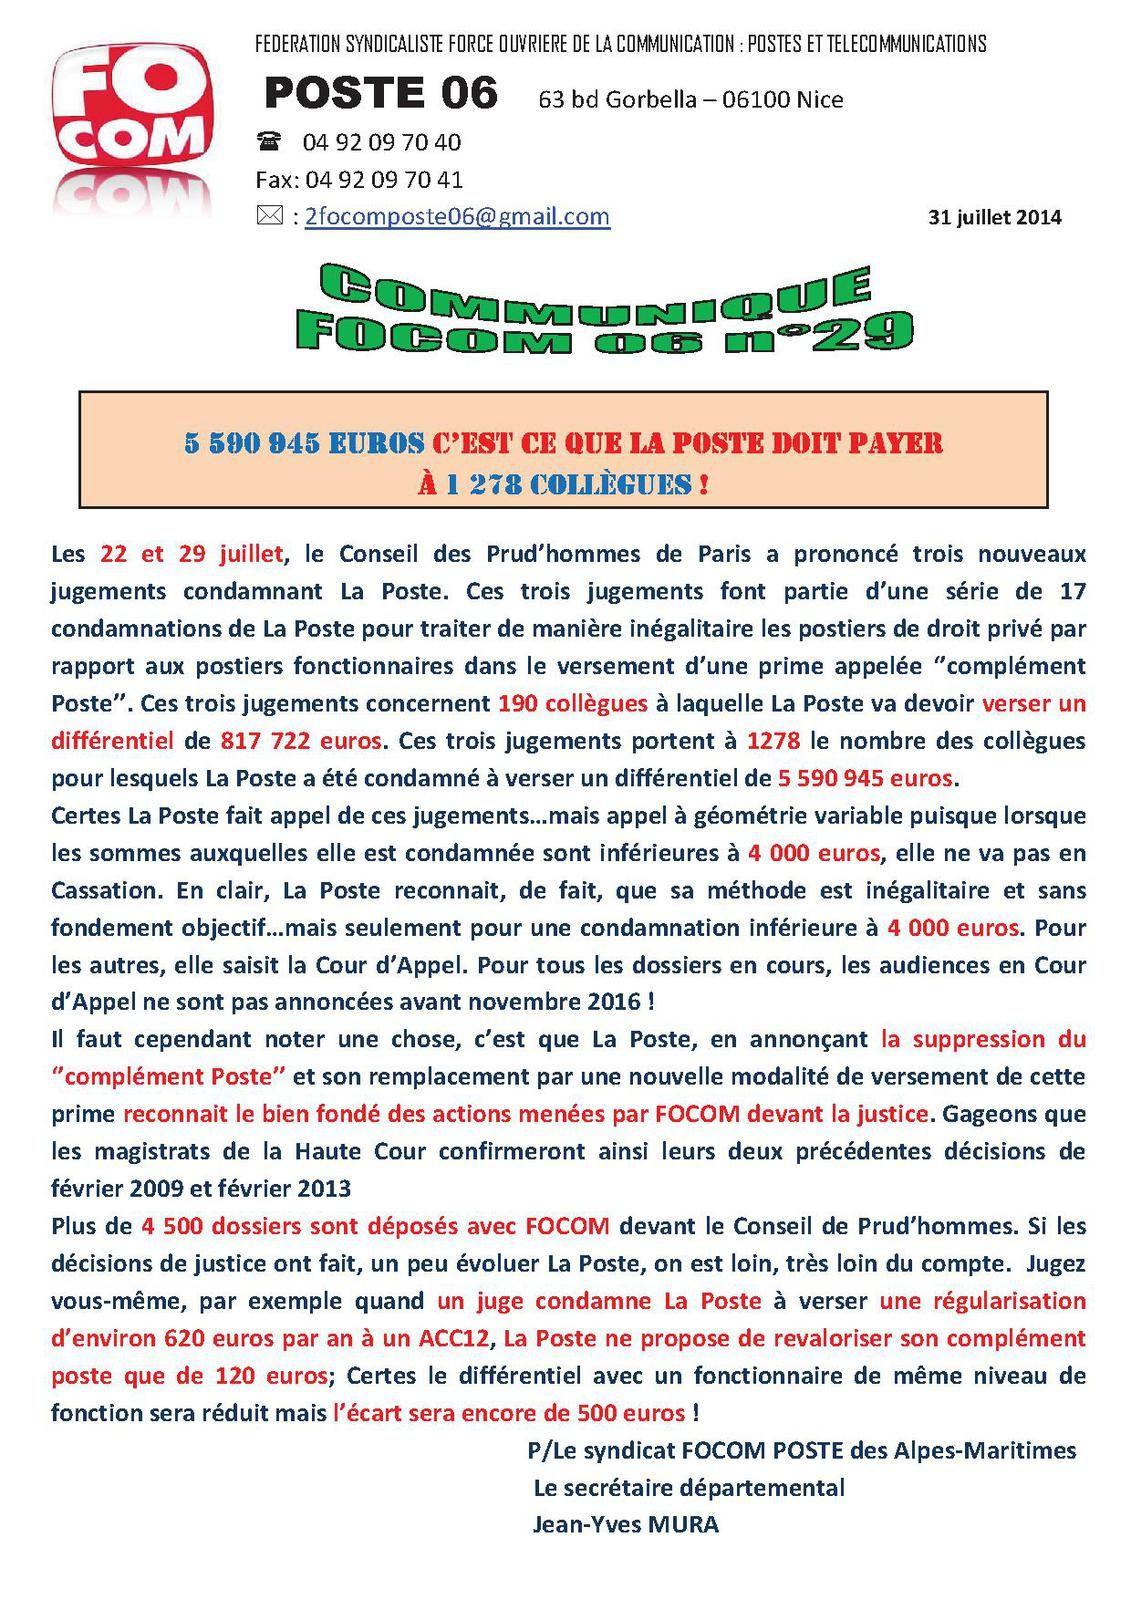 Complement Poste Communique N 29 Du 31 Juillet 2014 Focom Poste 06